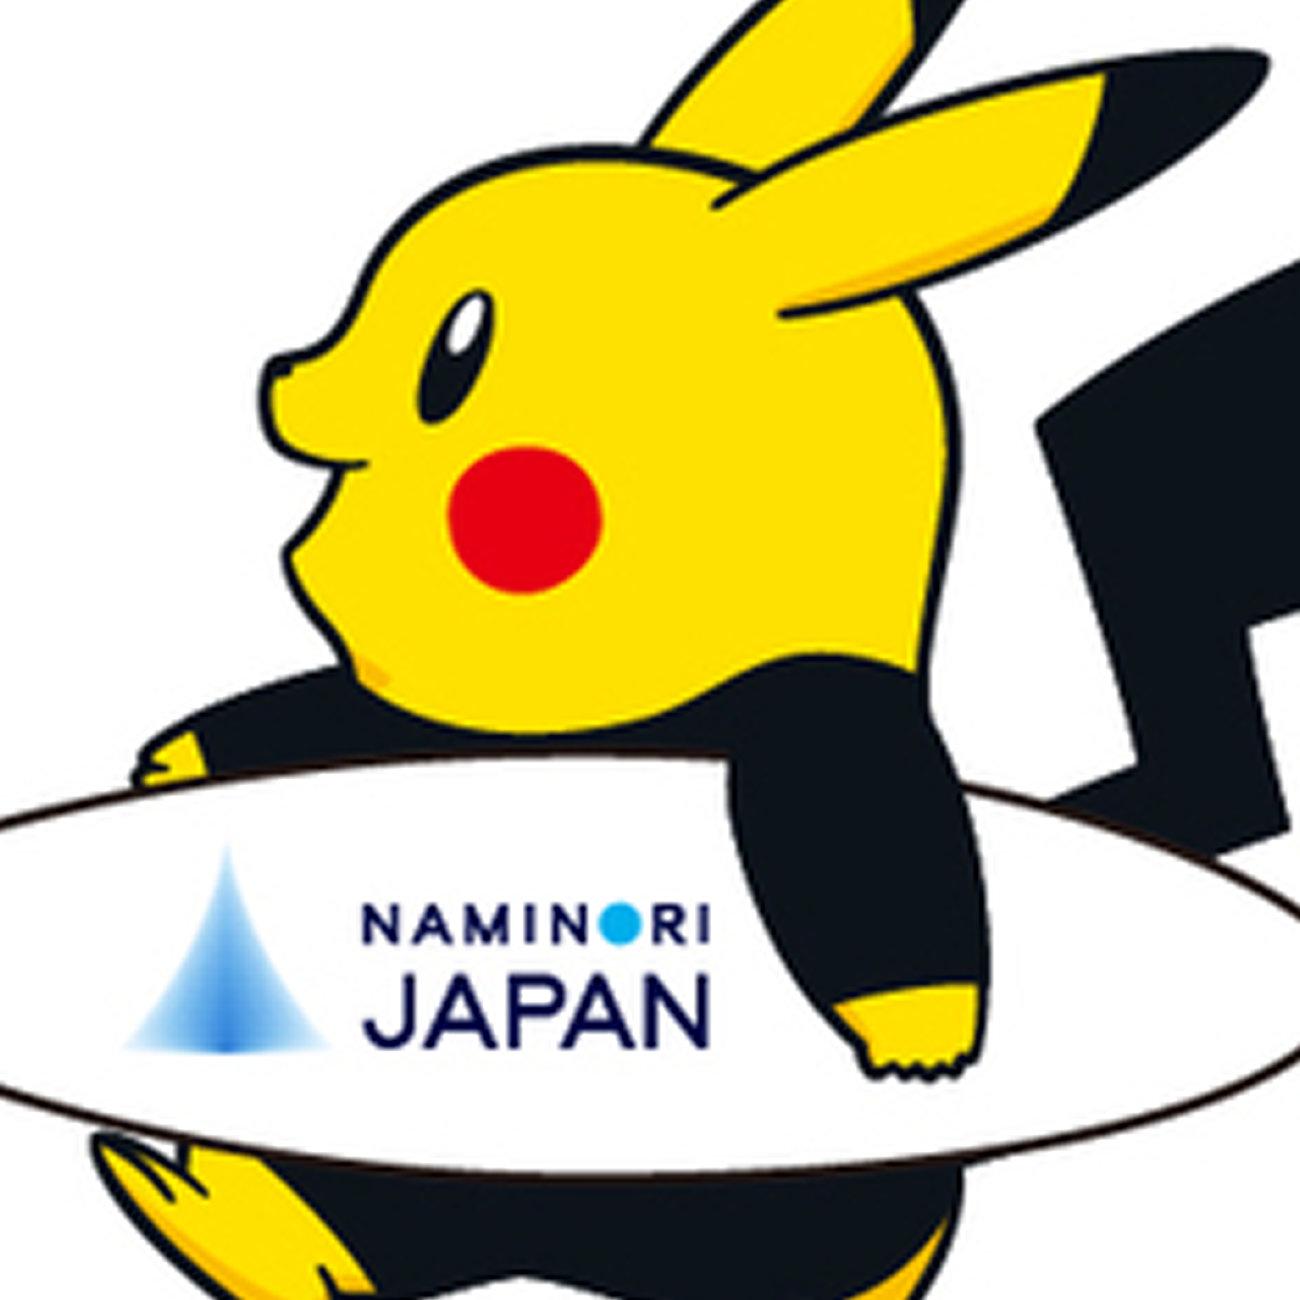 ピカチュウ、波乗りジャパンのキャラ就任。オリンピック